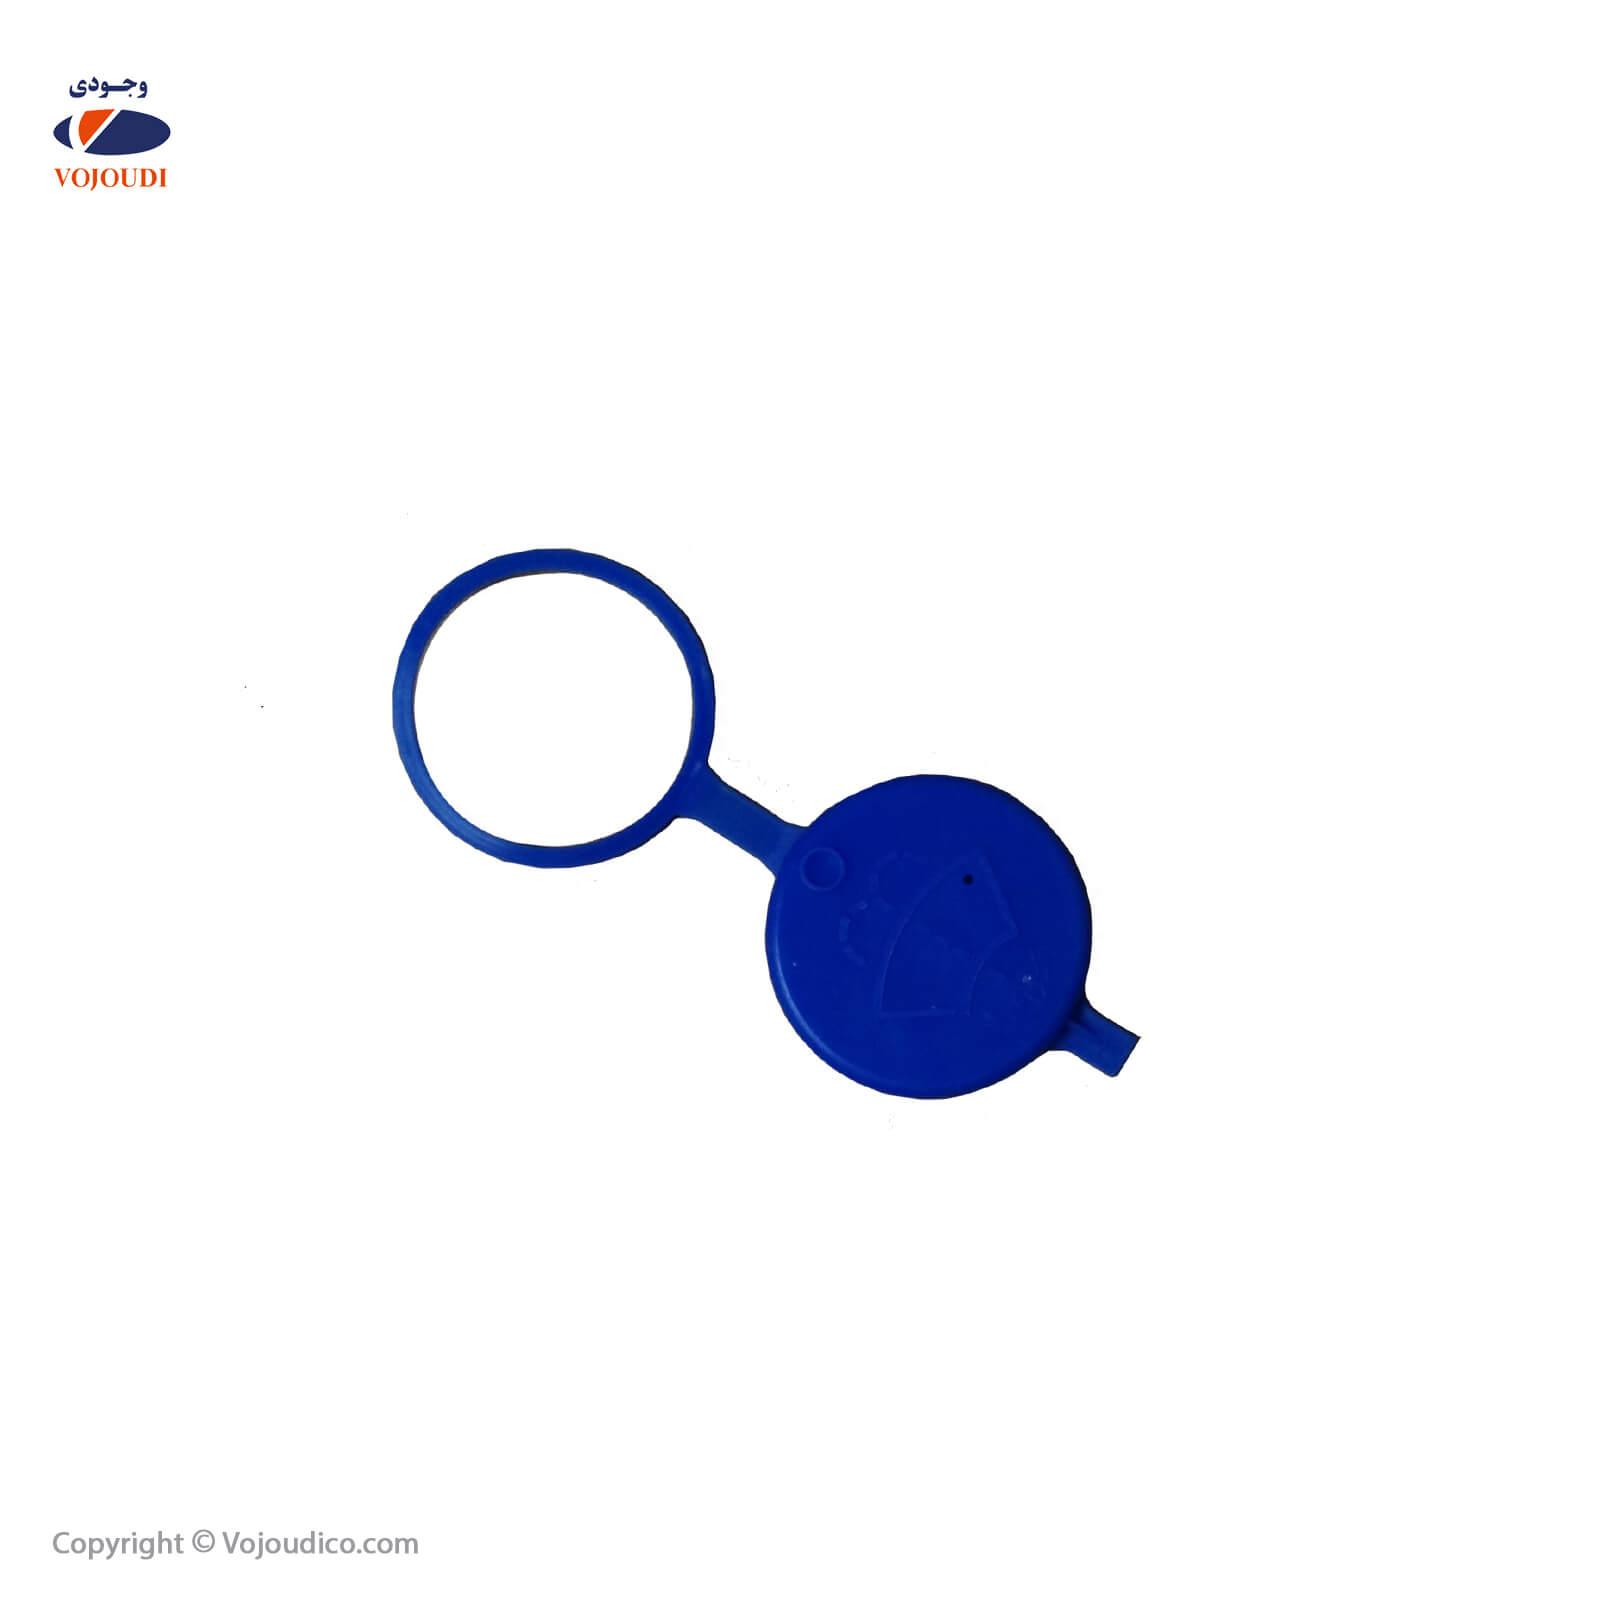 3936 1 - درب منبع شیشه شوی وجودی کد 3936  ، تعداد در بسته : 100 عدد